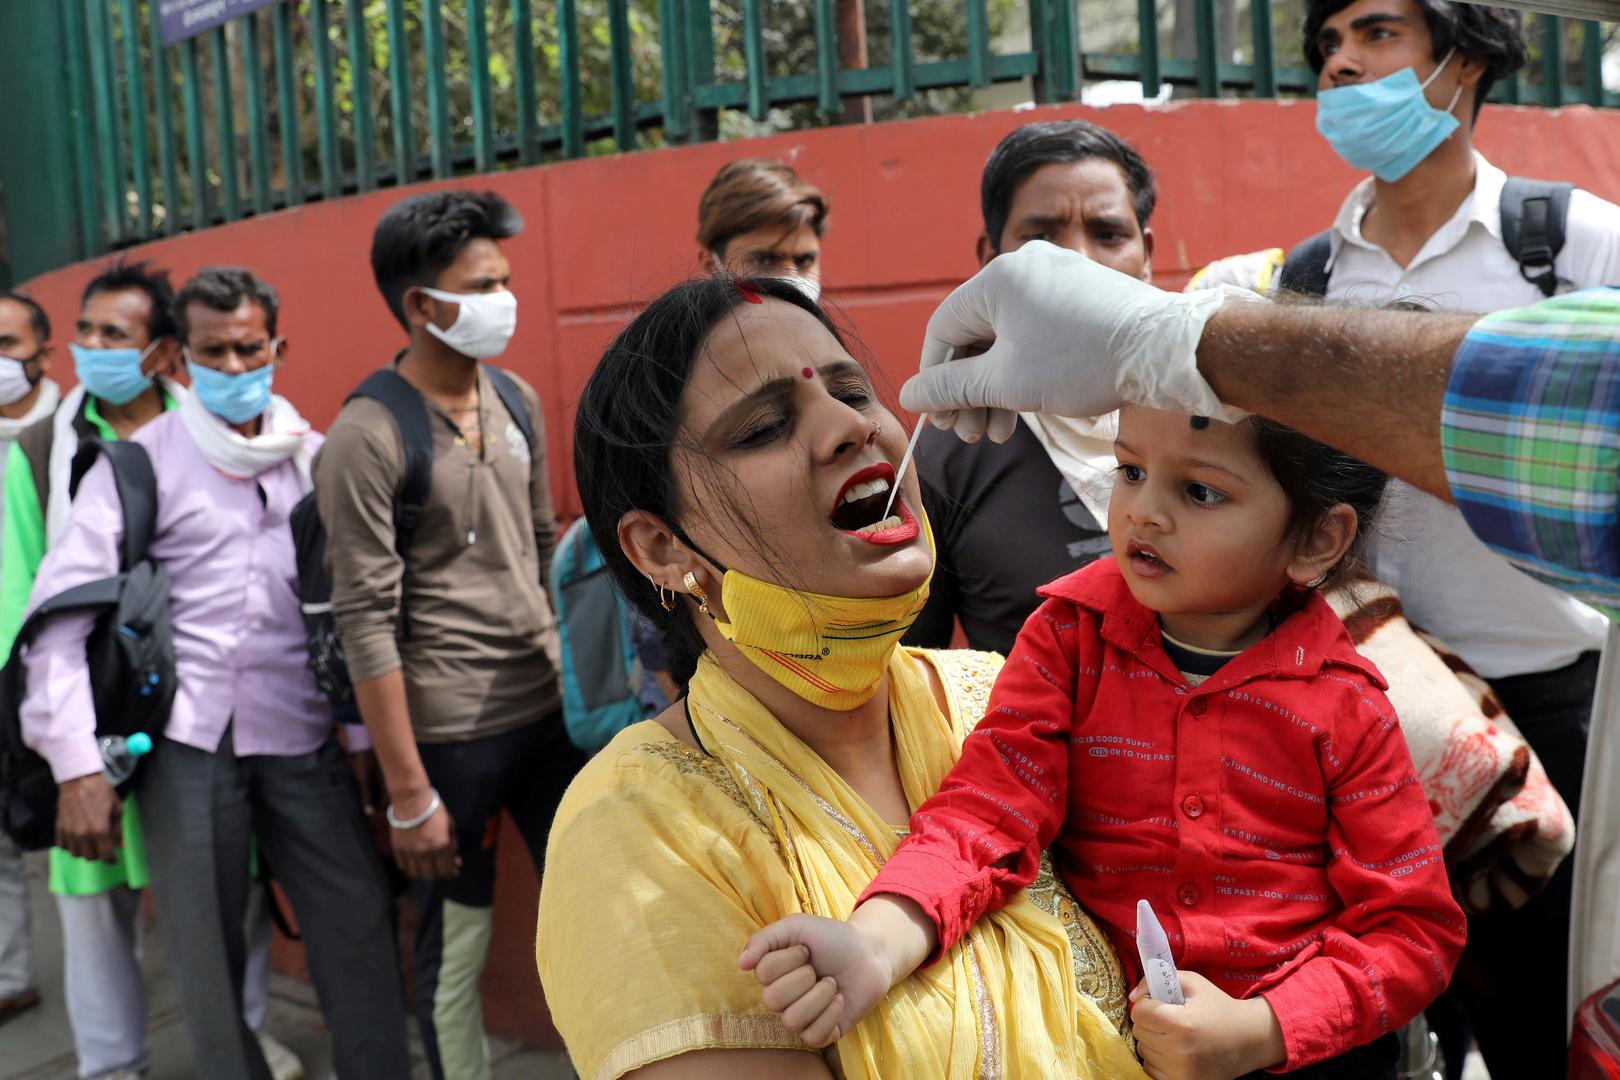 الهند تسجل أعلى مستوى إصابات بكورونا في 4 أشهر